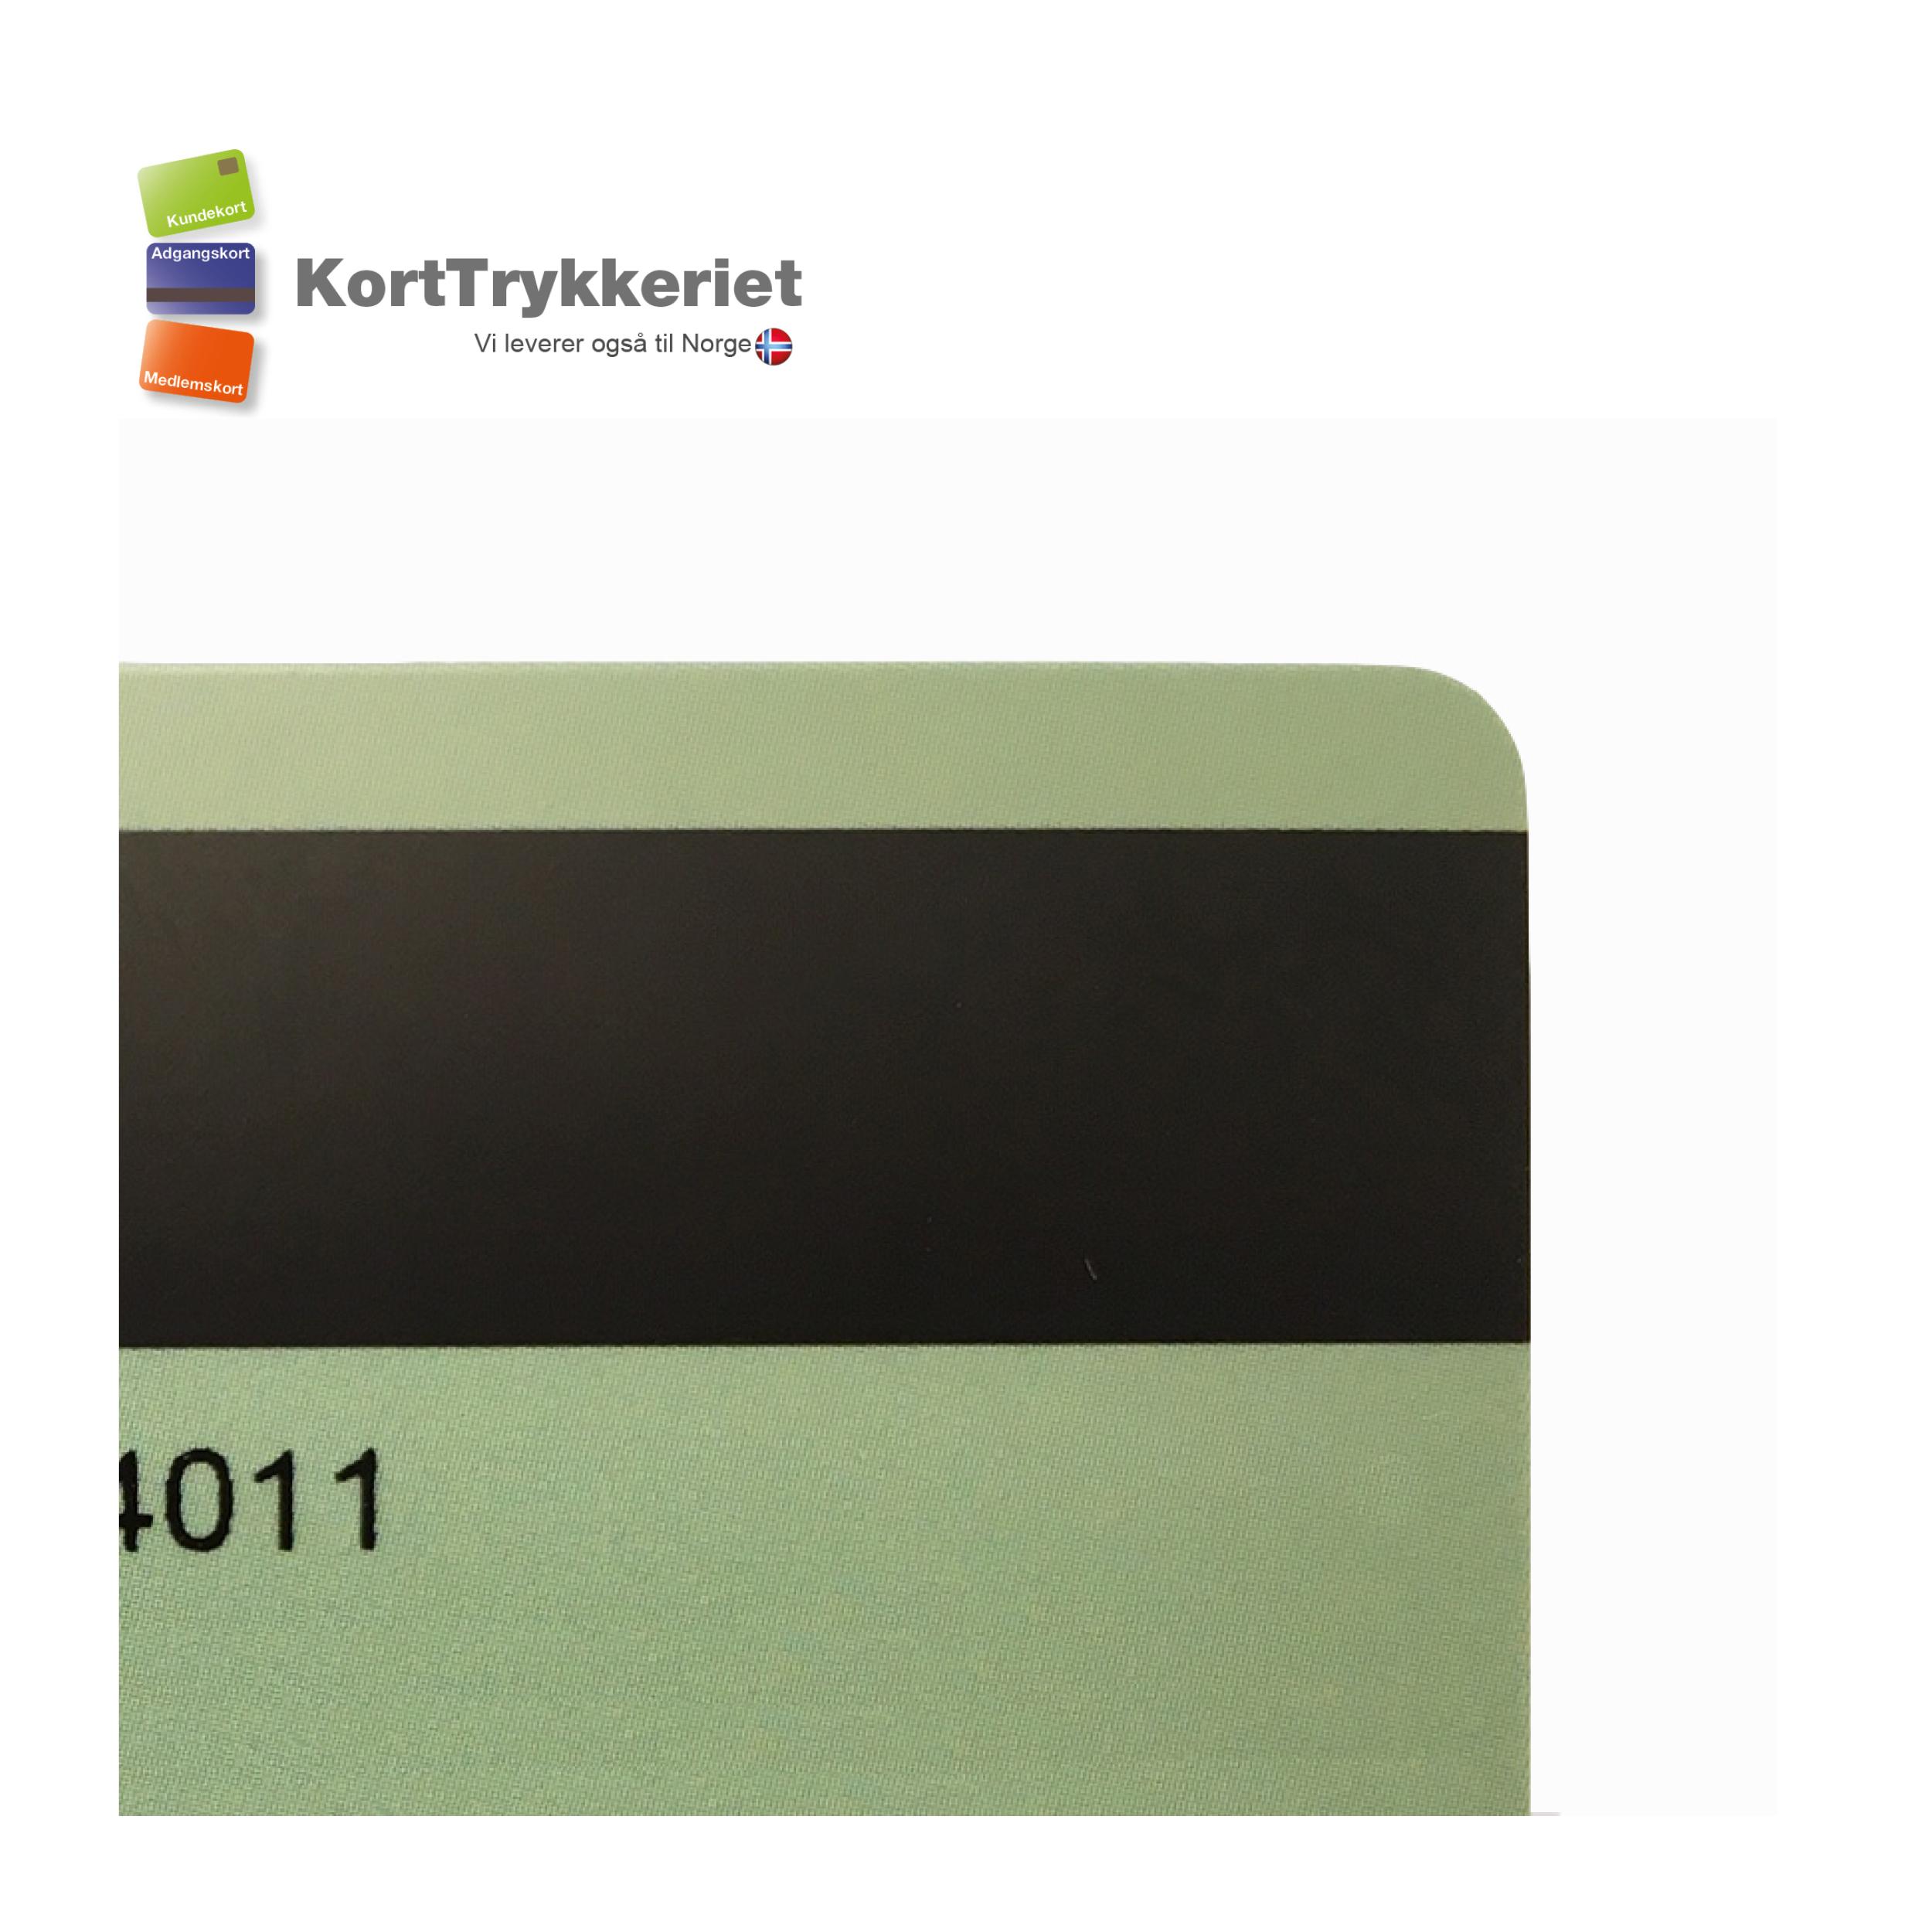 Plastkort med magnetstribe og nummer_Korttrykkeriet.dk